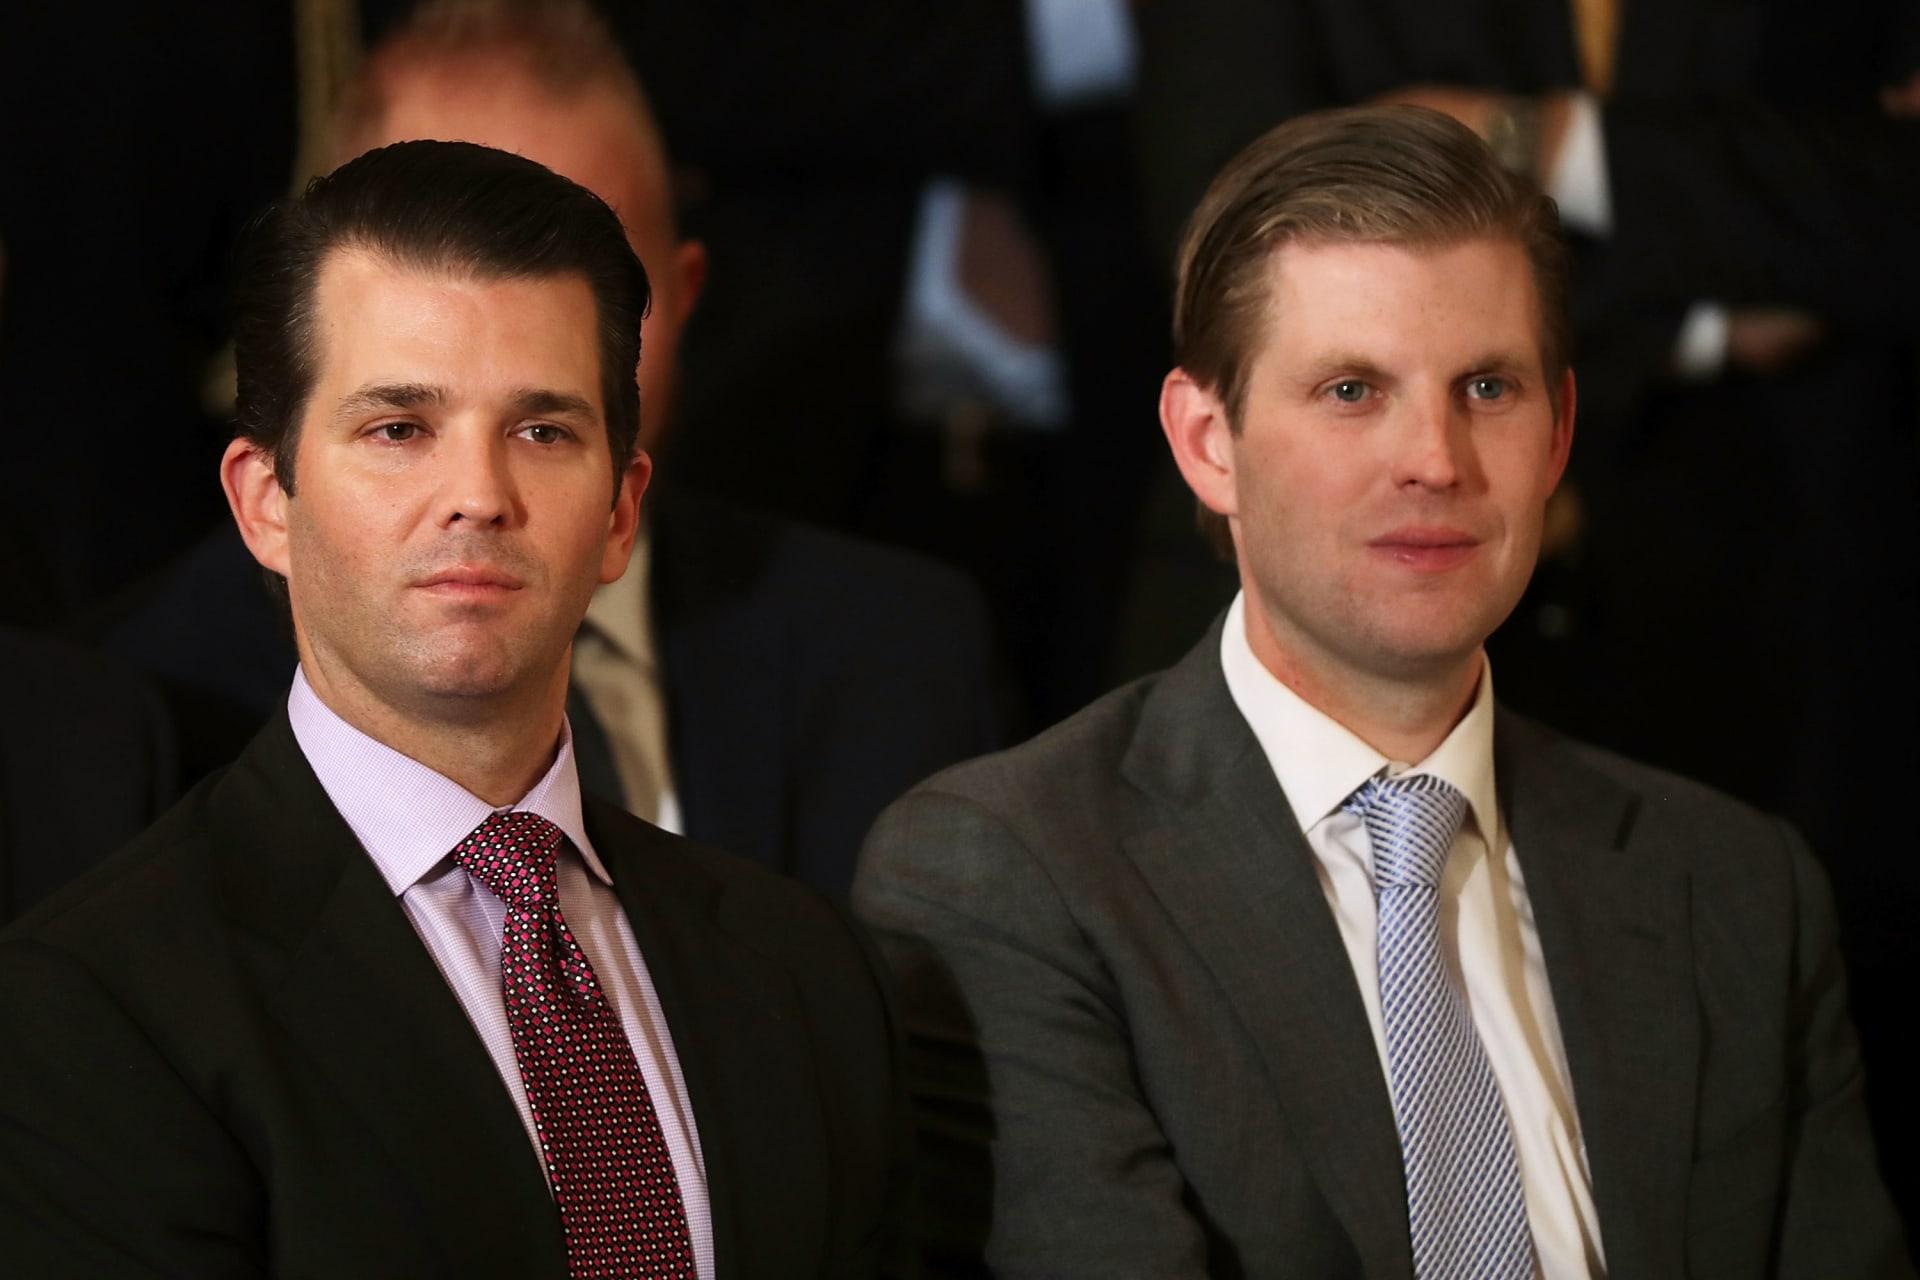 """ابنا رئيس أمريكا يزوران دبي لافتتاح ملعب ترامب للغولف.. و""""داماك"""" تعد بأمسية """"لن تُنسى"""""""